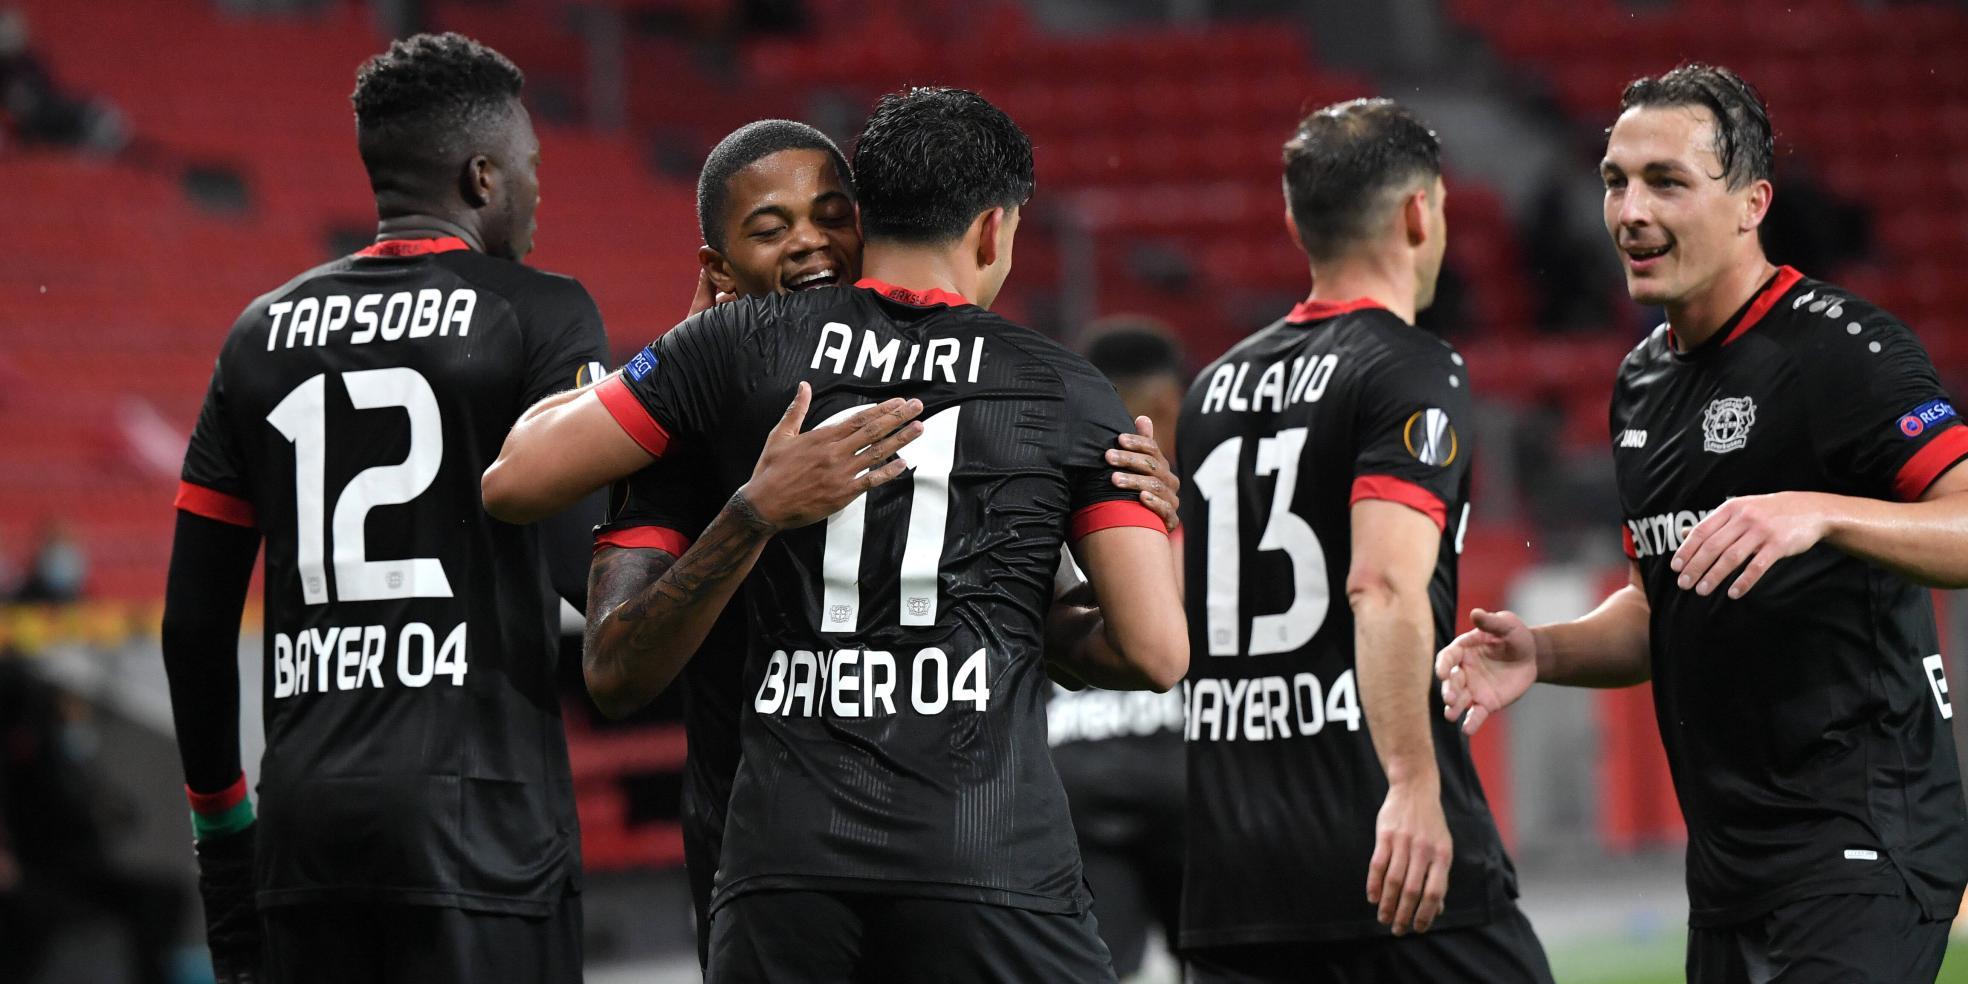 Bayer 04 Leverkusen ist die Mannschaft der Stunde